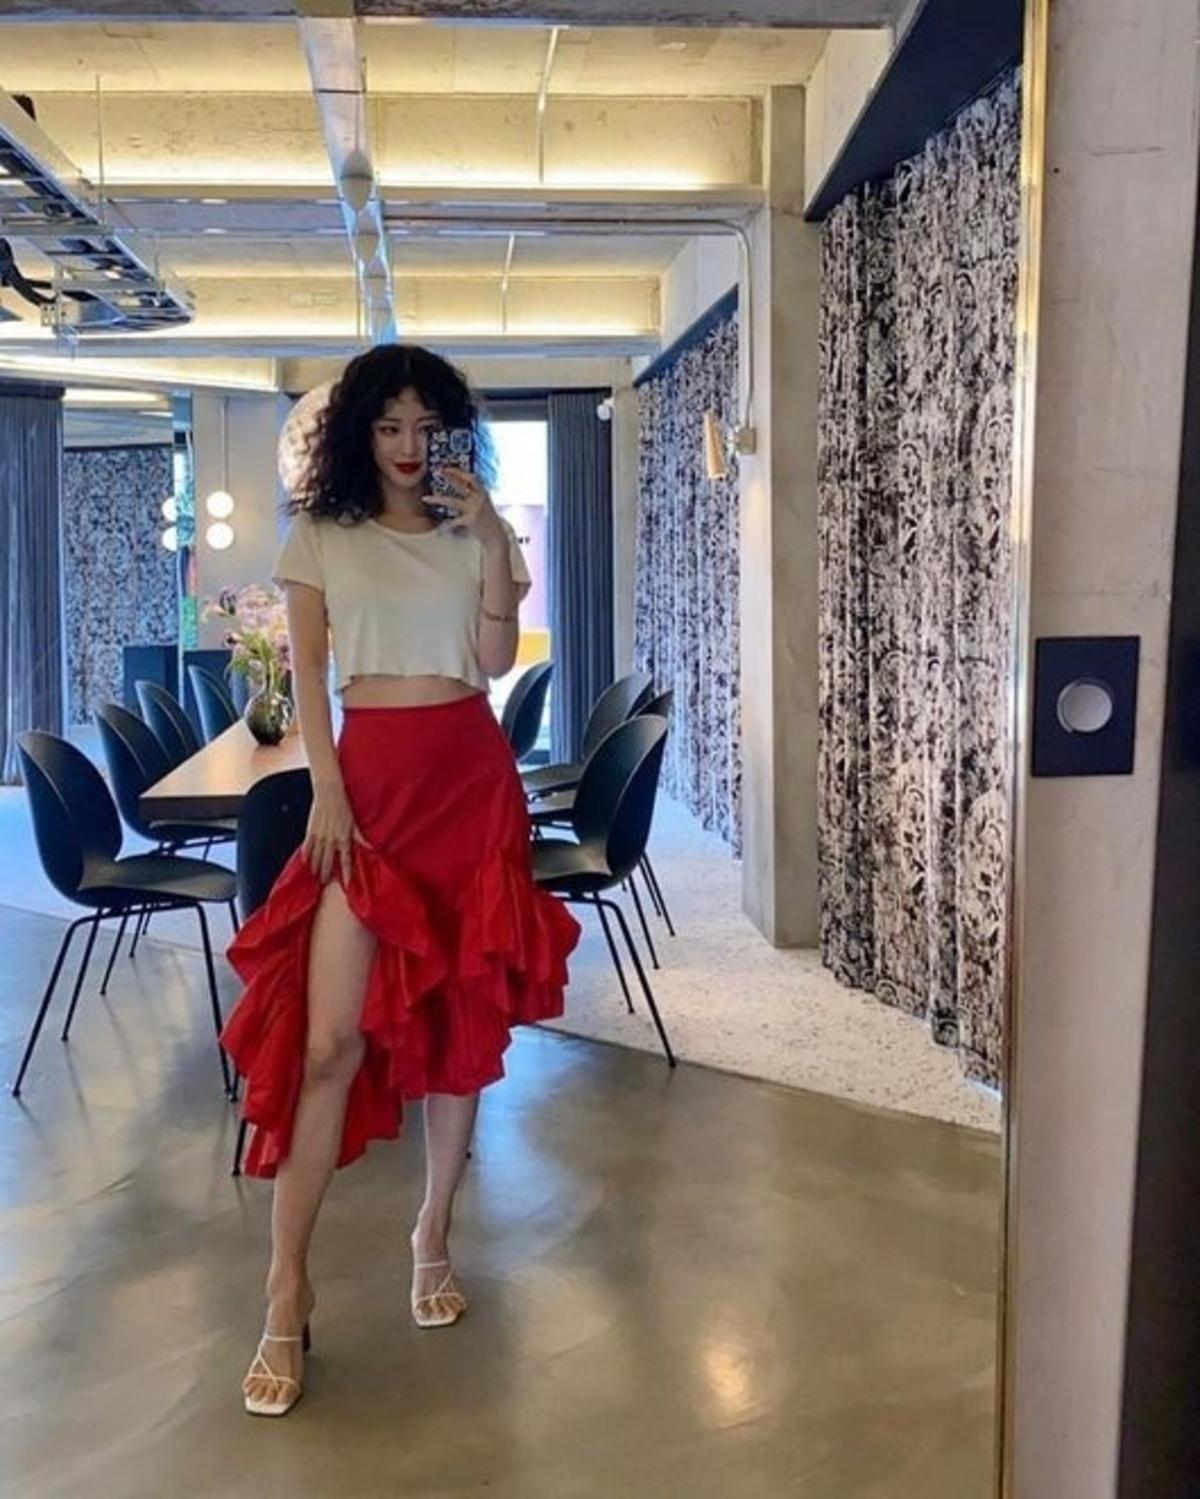 韩艺瑟身材超赞 穿着红色裙子展示美腿